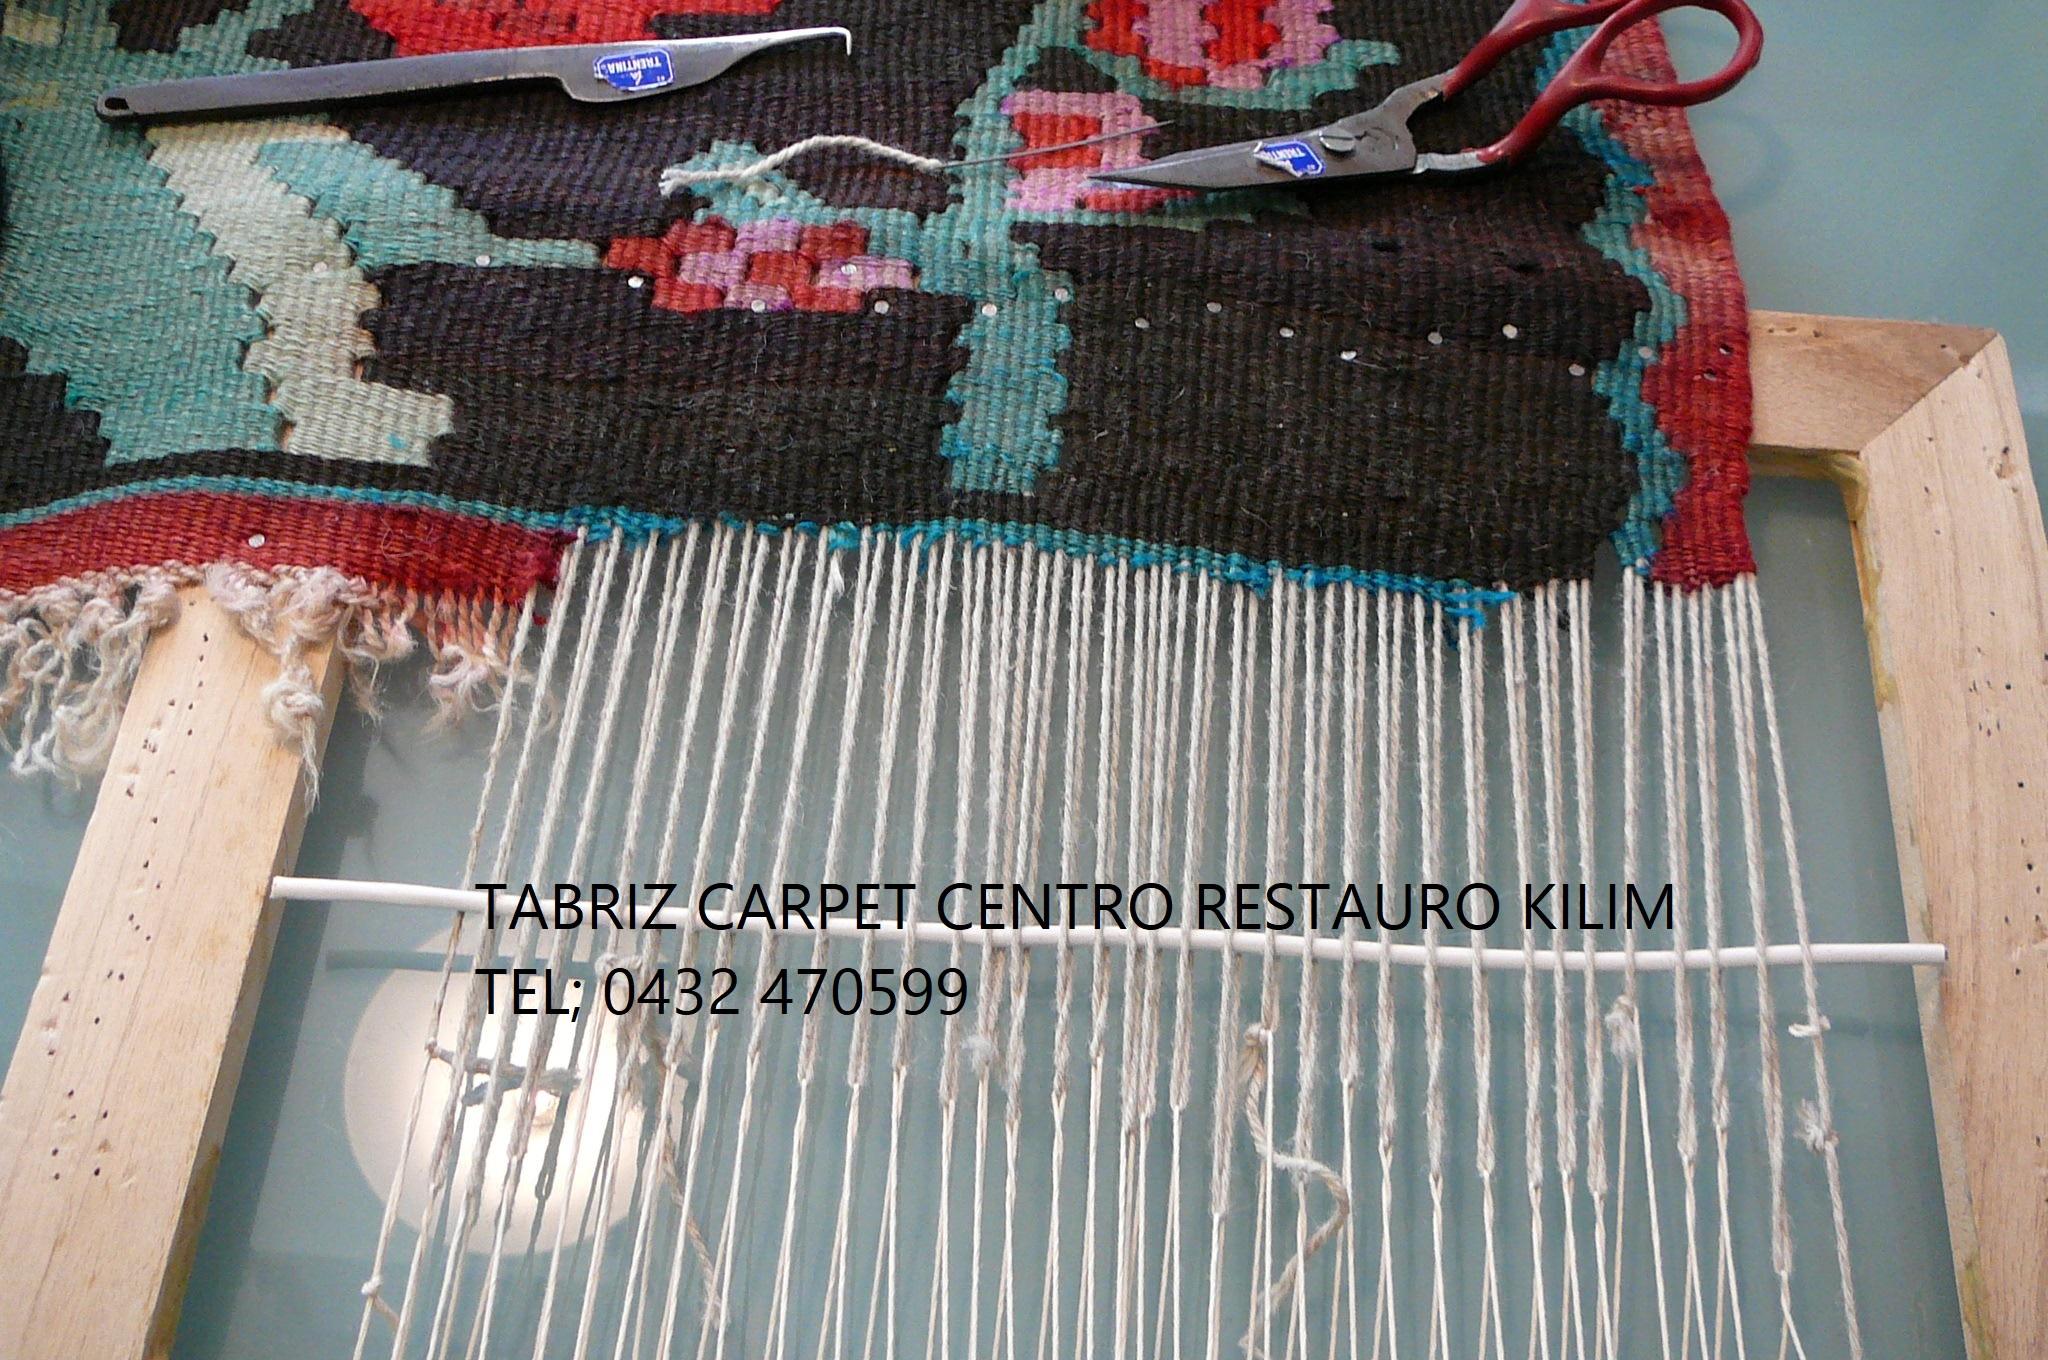 Restauro artistico kilim antico messo su telaio